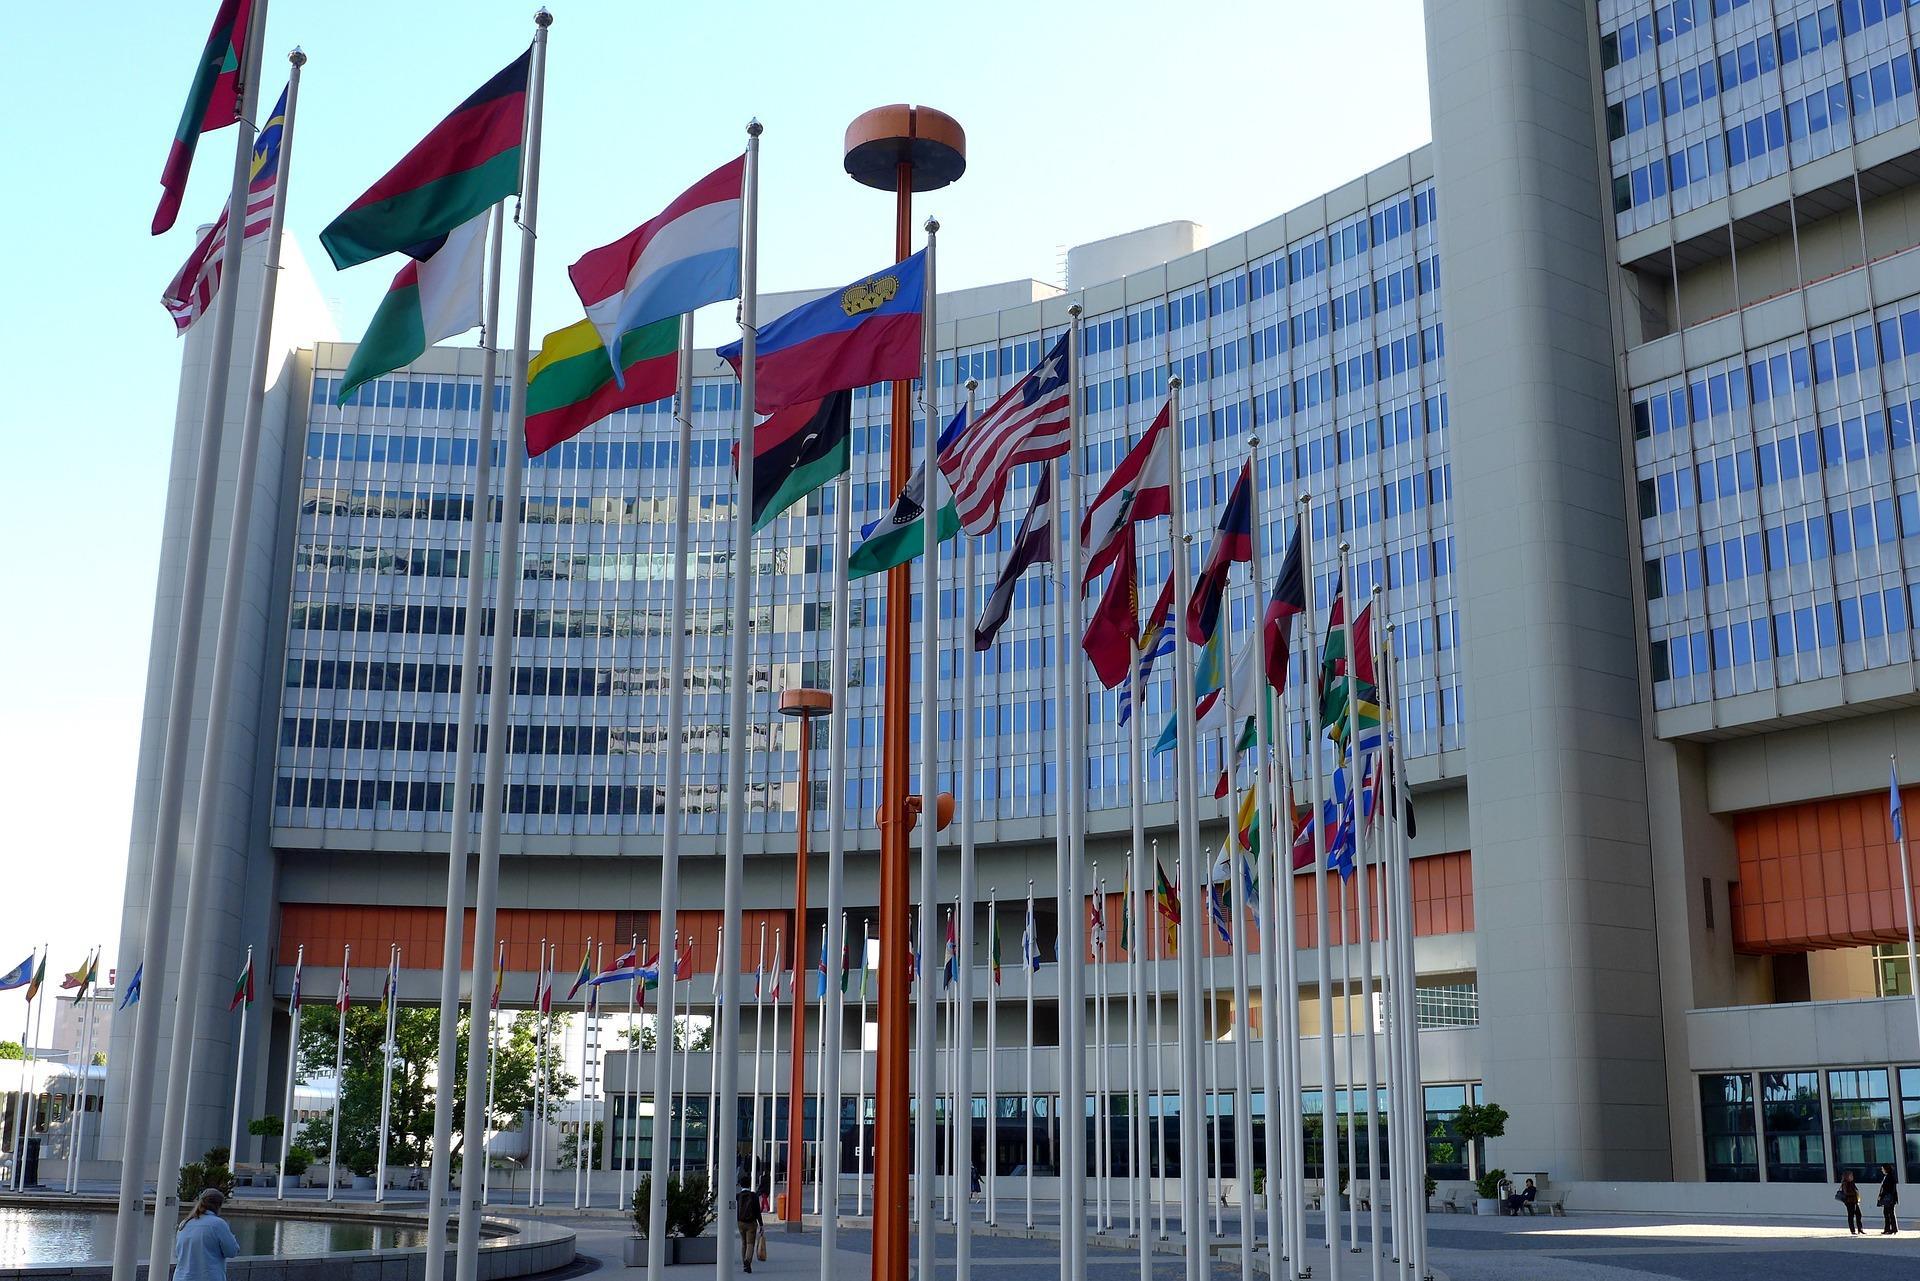 В ООН поблагодарили Путина за предложение вакцины от CoViD-19 сотрудникам организации